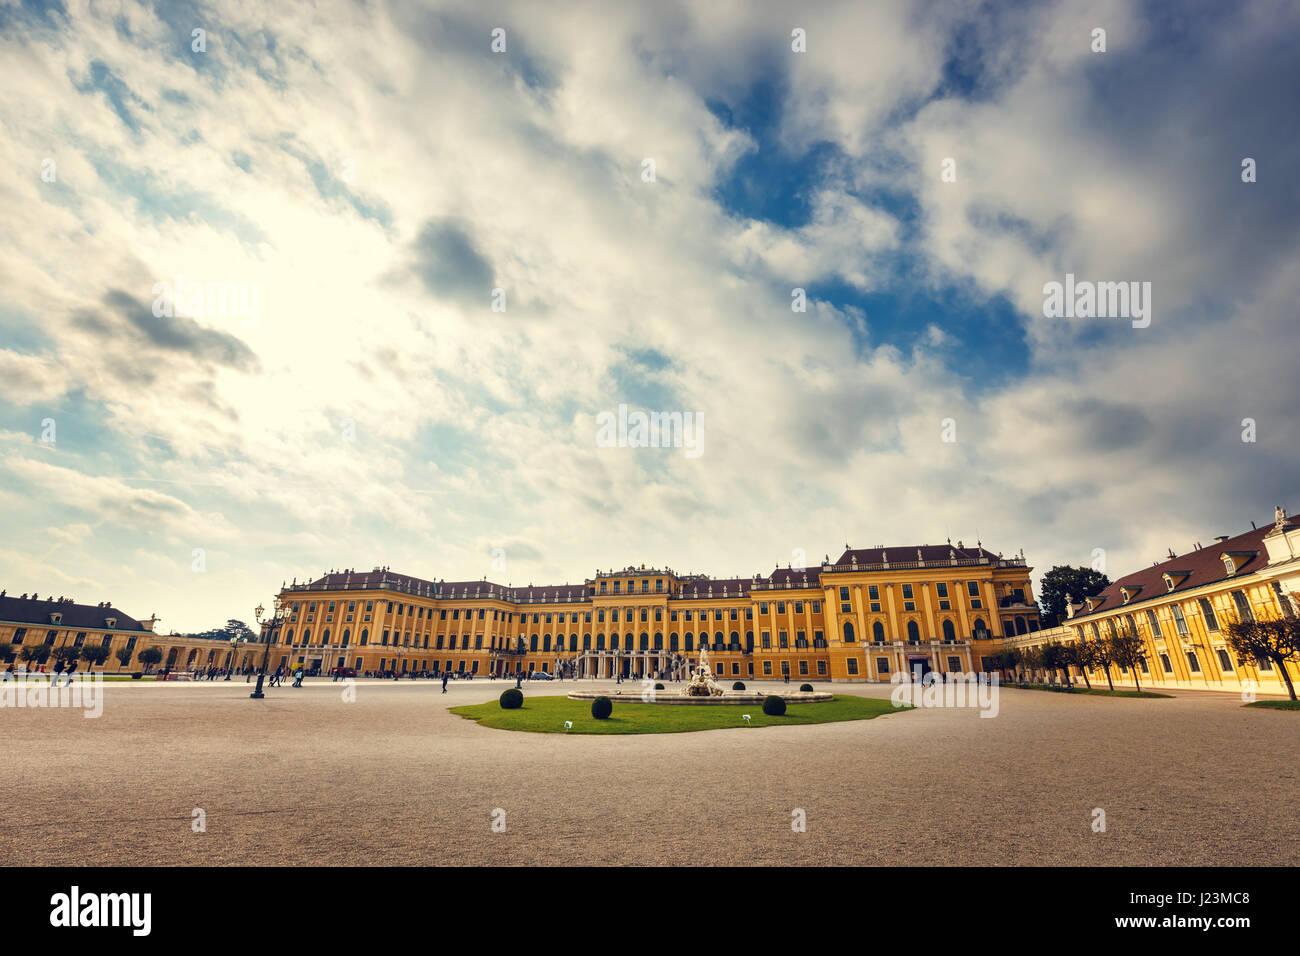 Vienne, Autriche, le 14 octobre 2016: Palais Schönbrunn à Vienne. Palais baroque est l'ancienne Photo Stock